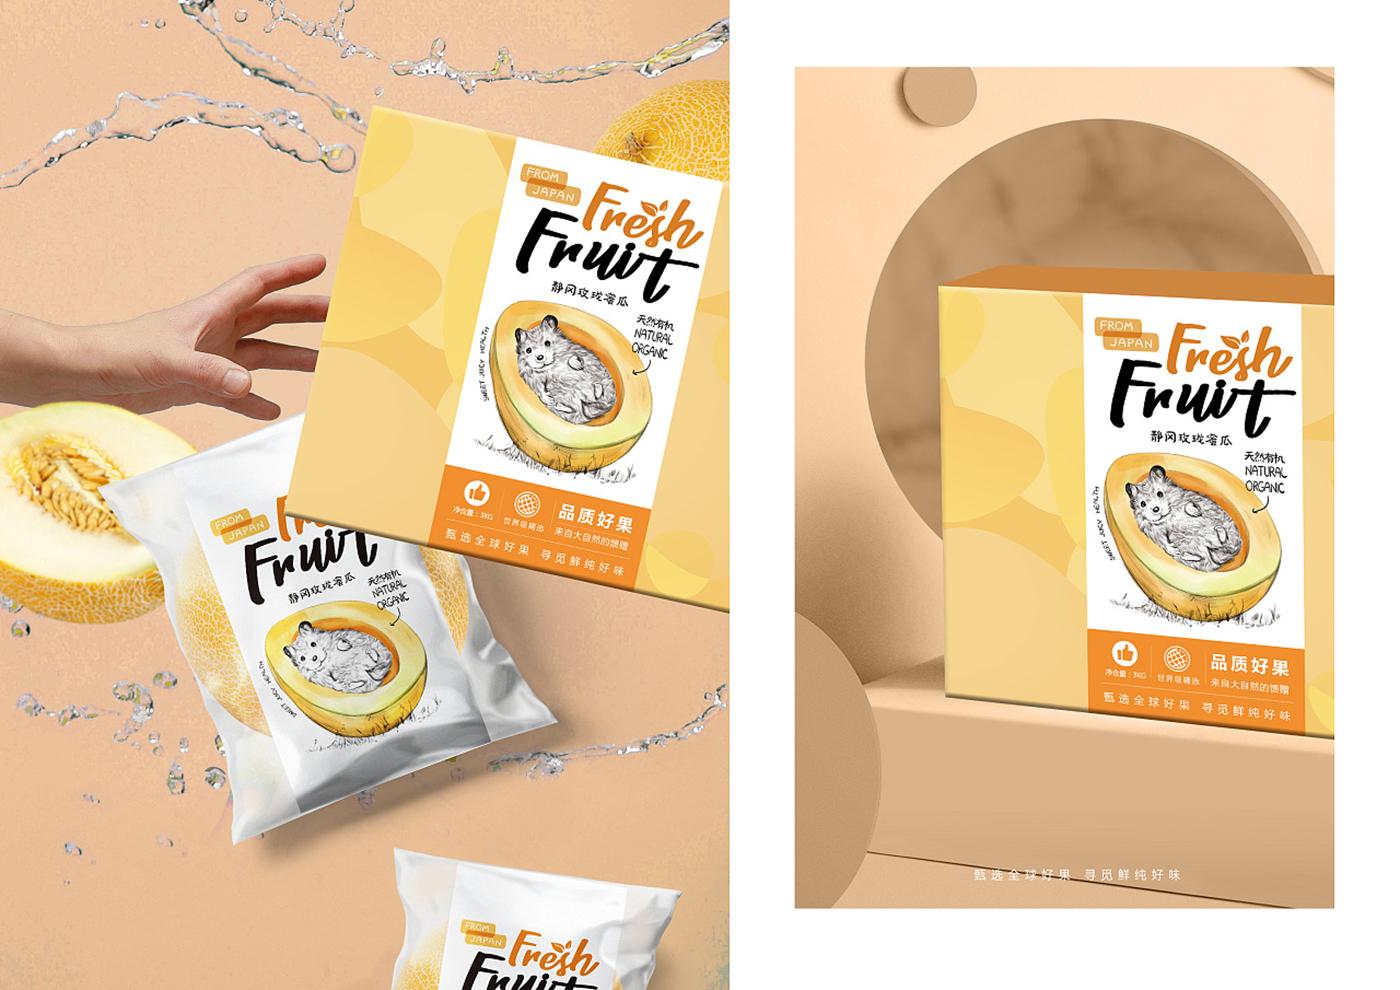 甄选水果》食品包装设计